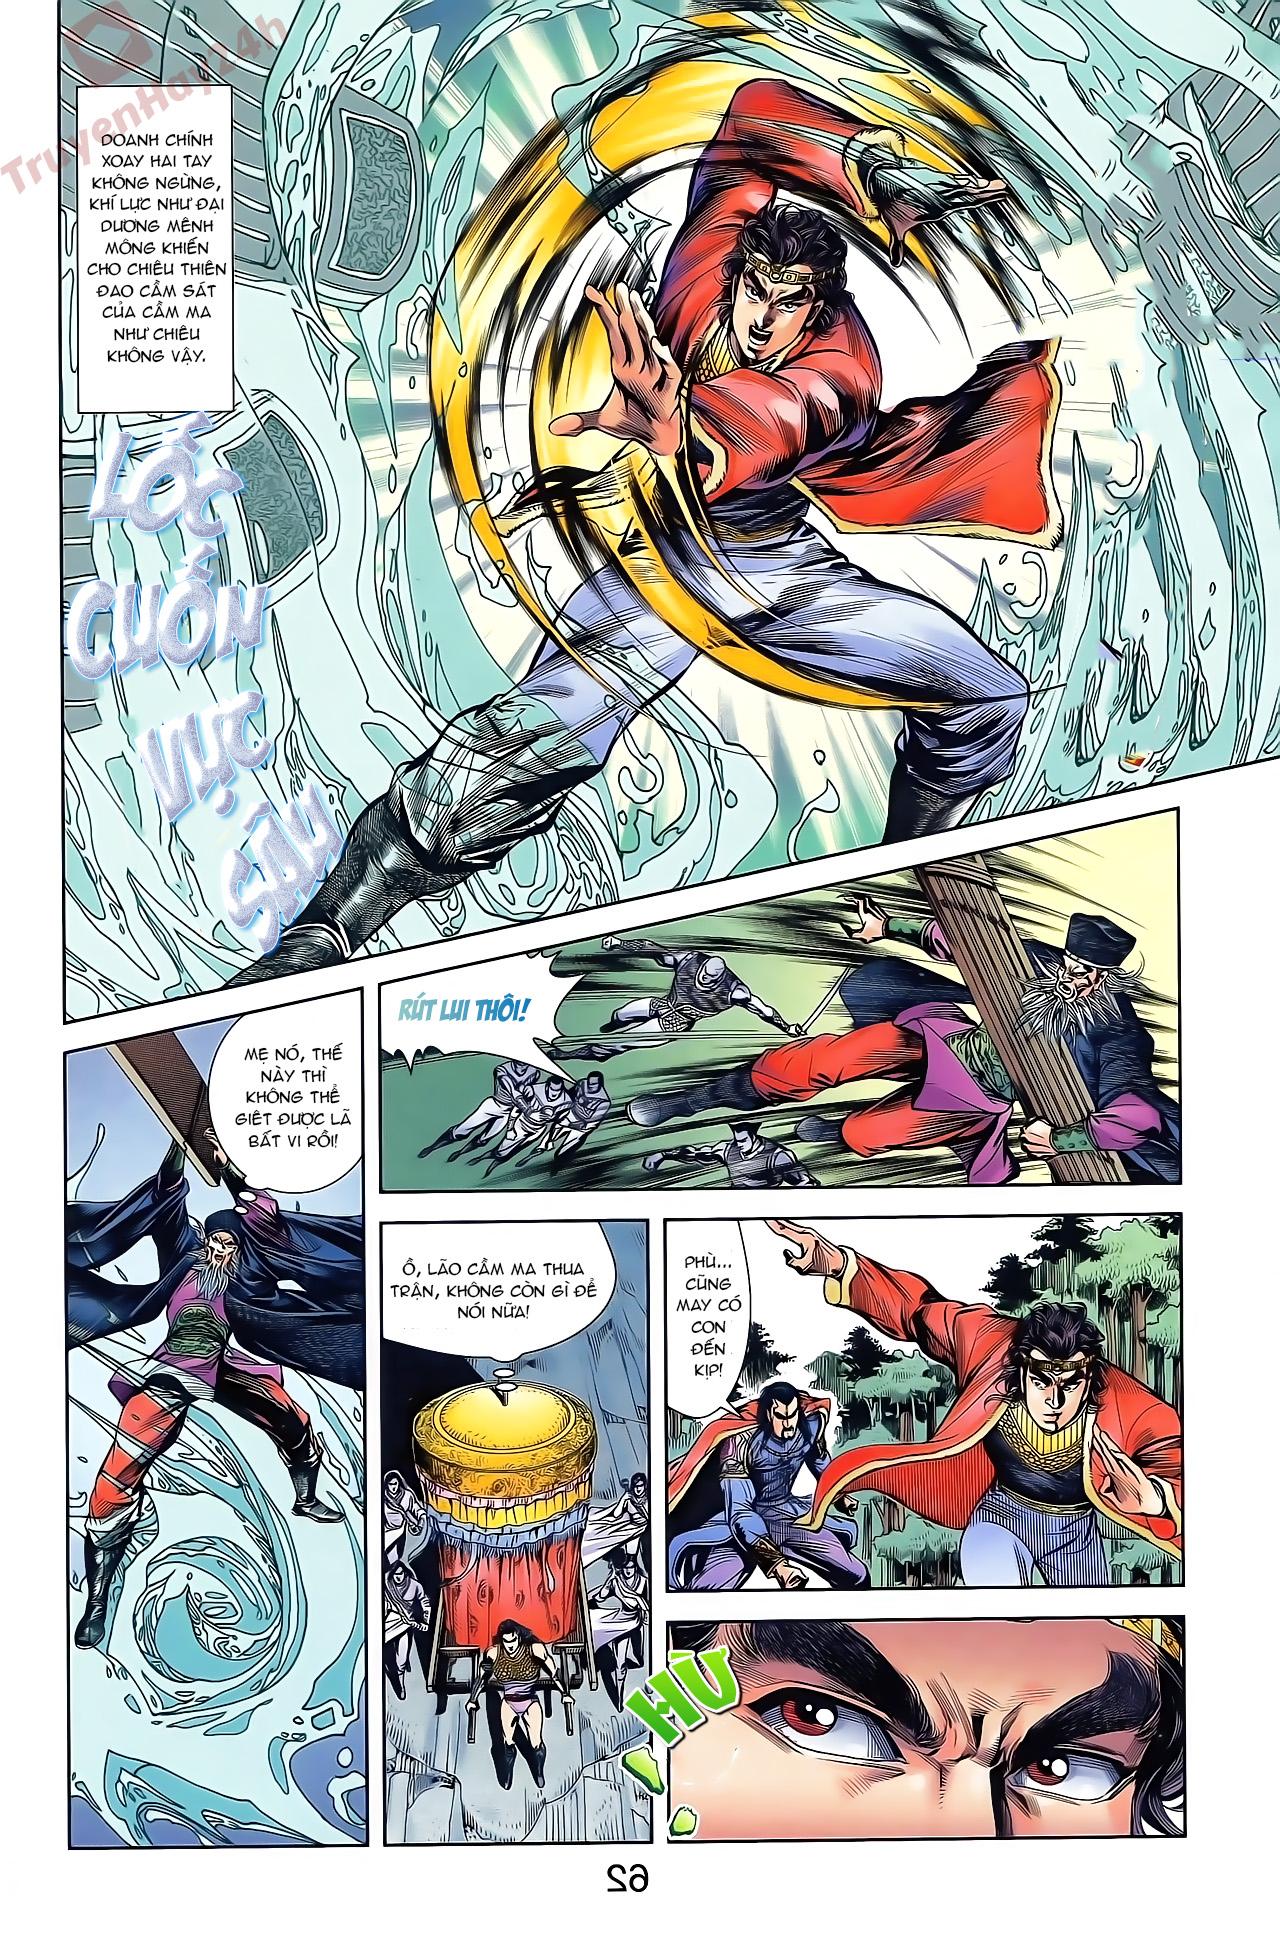 Tần Vương Doanh Chính chapter 46 trang 28